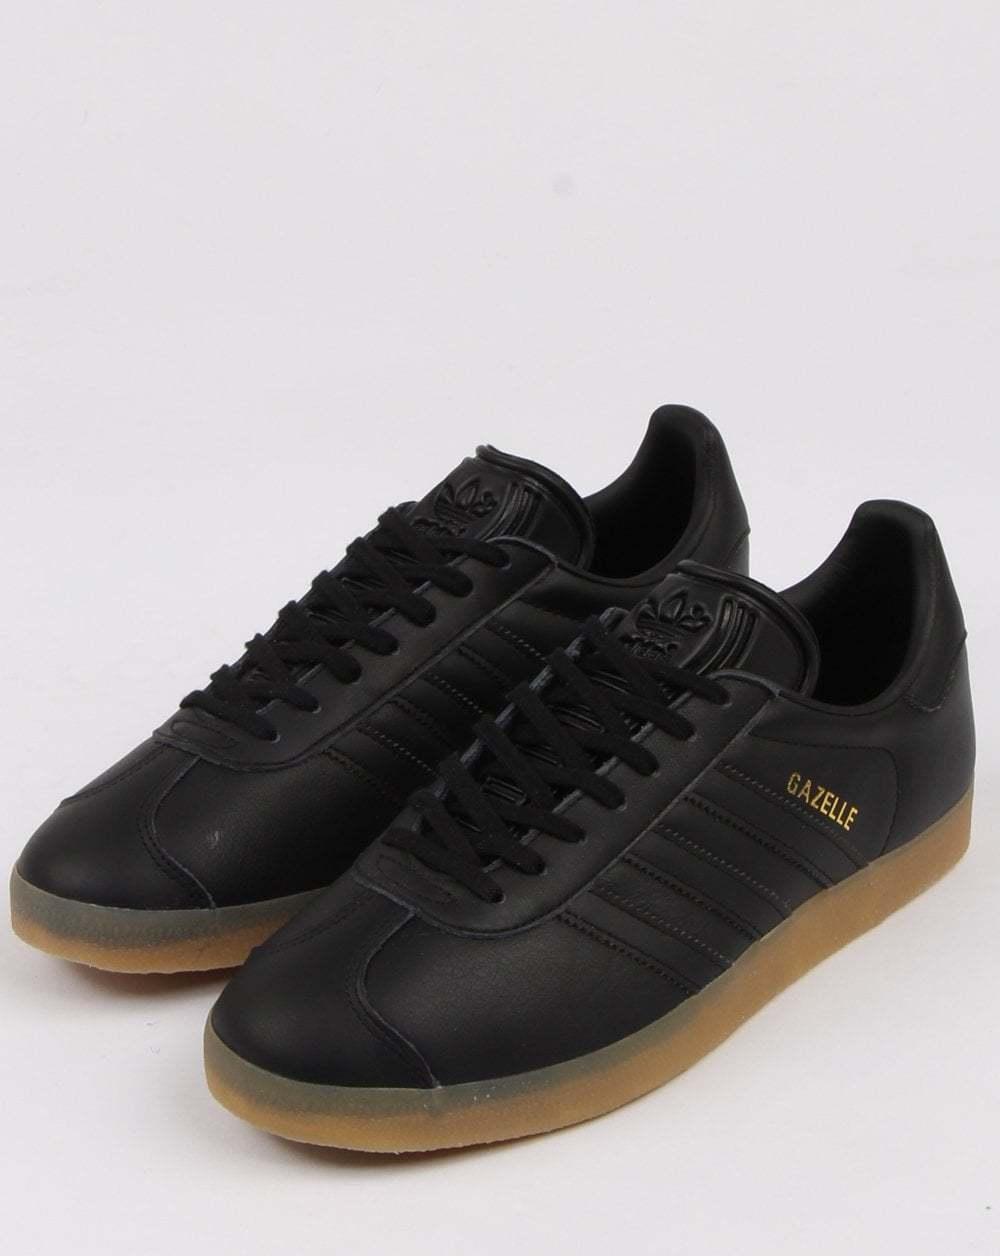 Adidas Originals Gazelle Gazelle Gazelle cuir - Noir e06aba